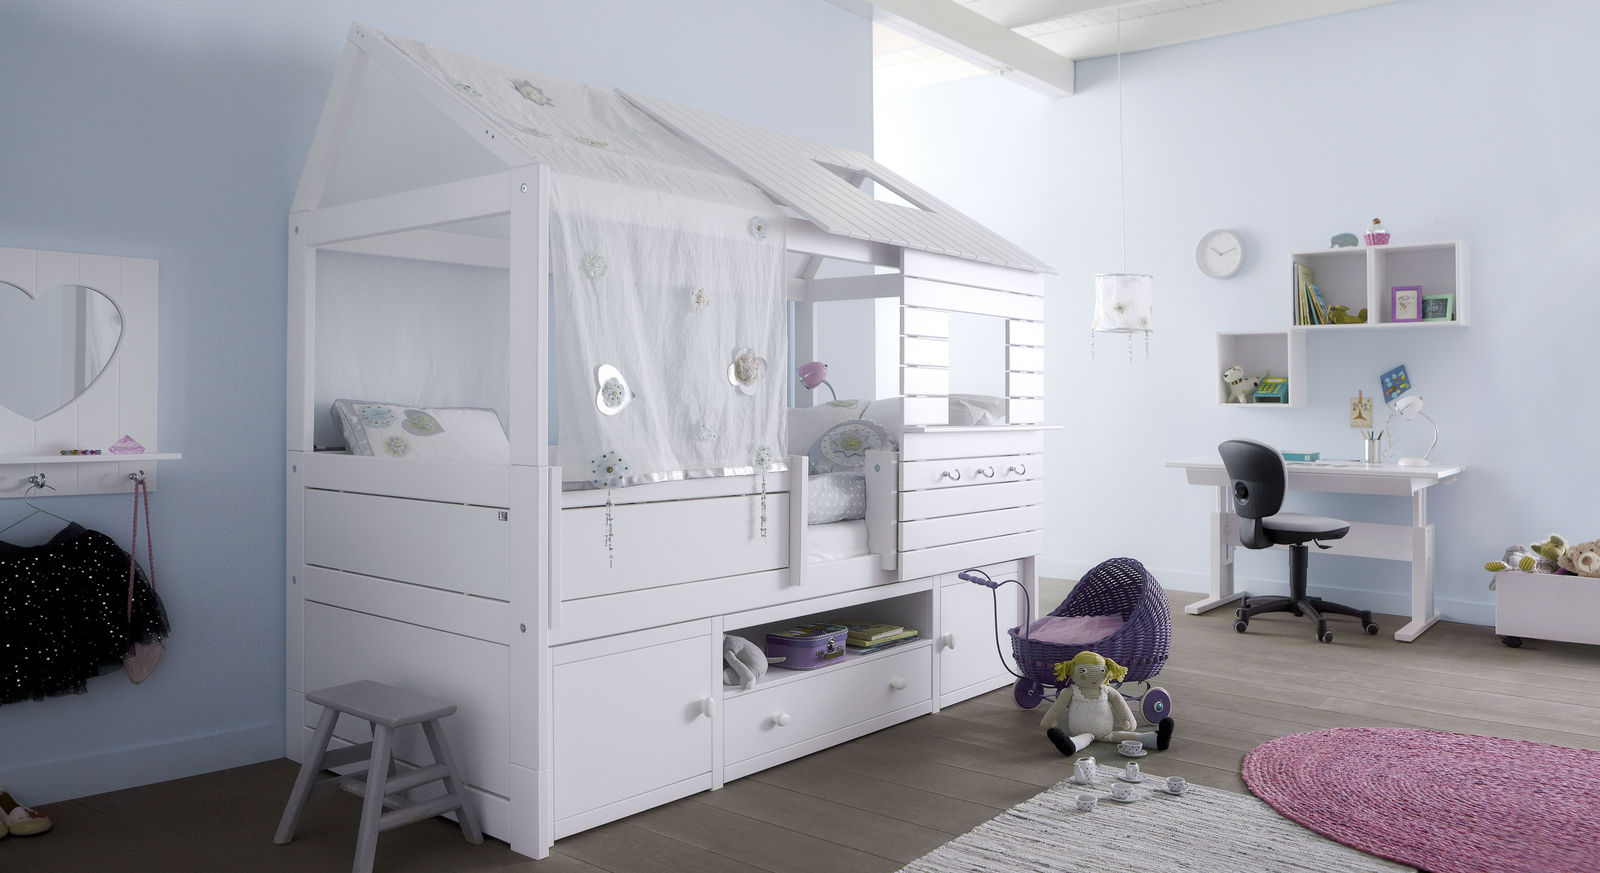 LIFETIME Hütten-Kojenbett Sternenglanz mit praktischem Stauraum